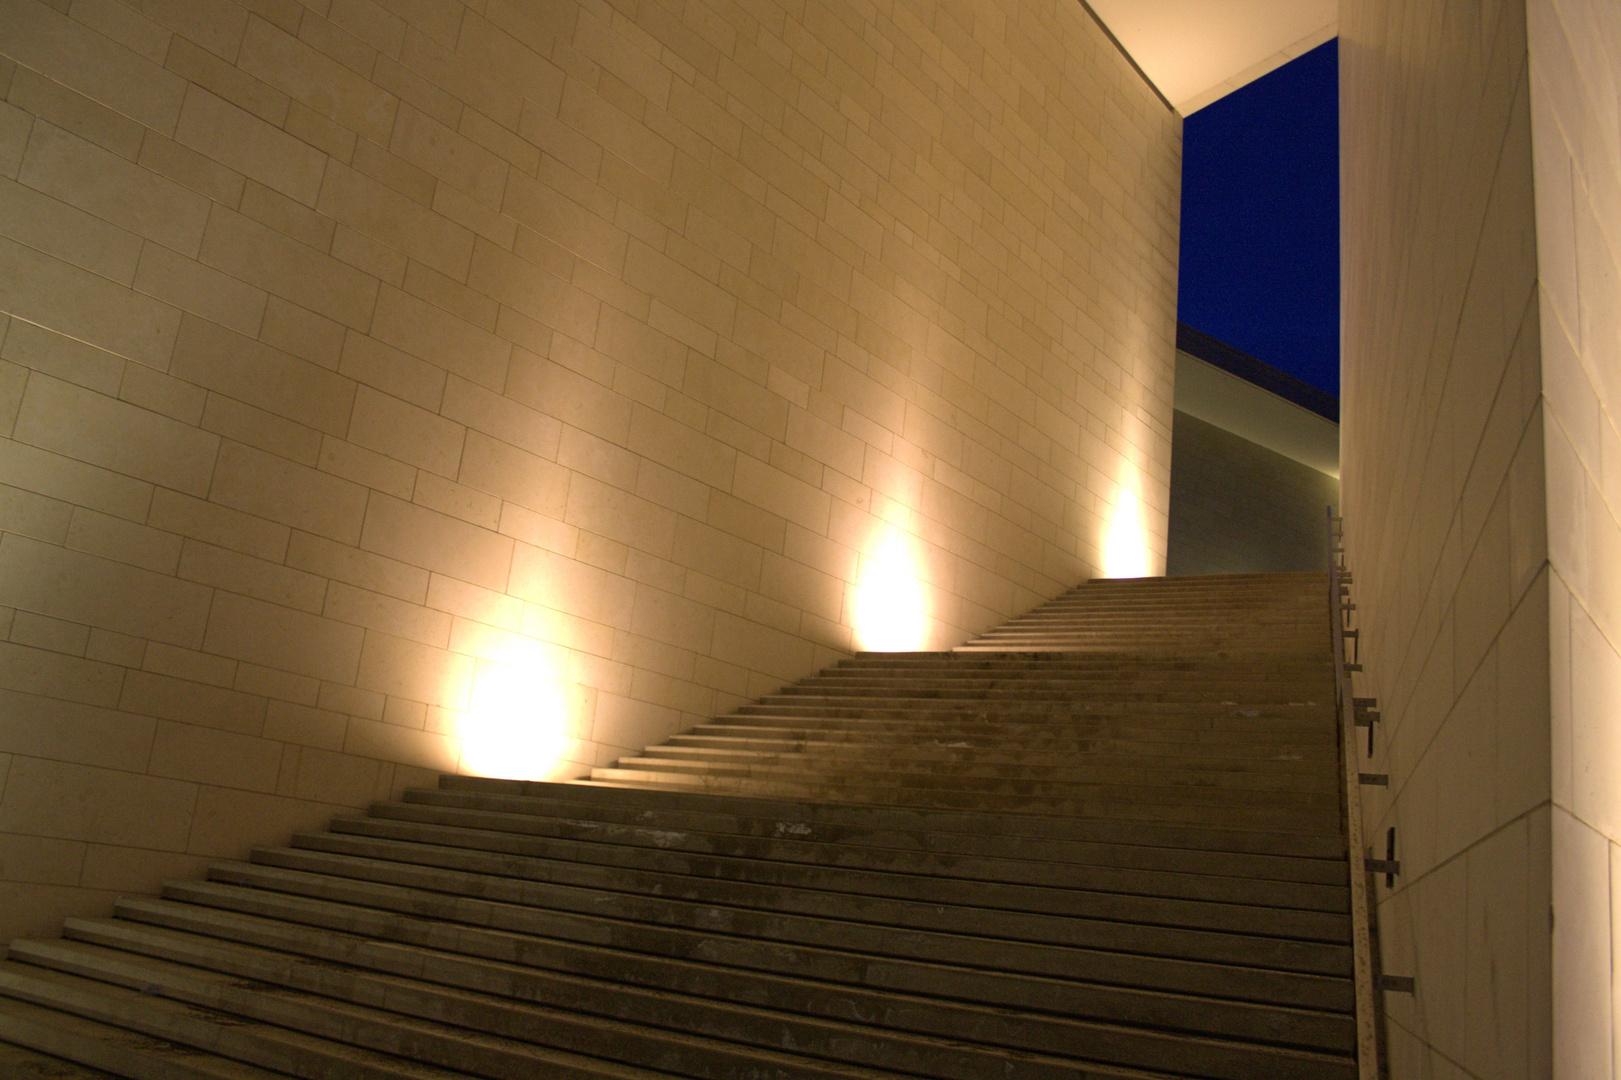 ADAC Gebäude Dortmund, Treppe